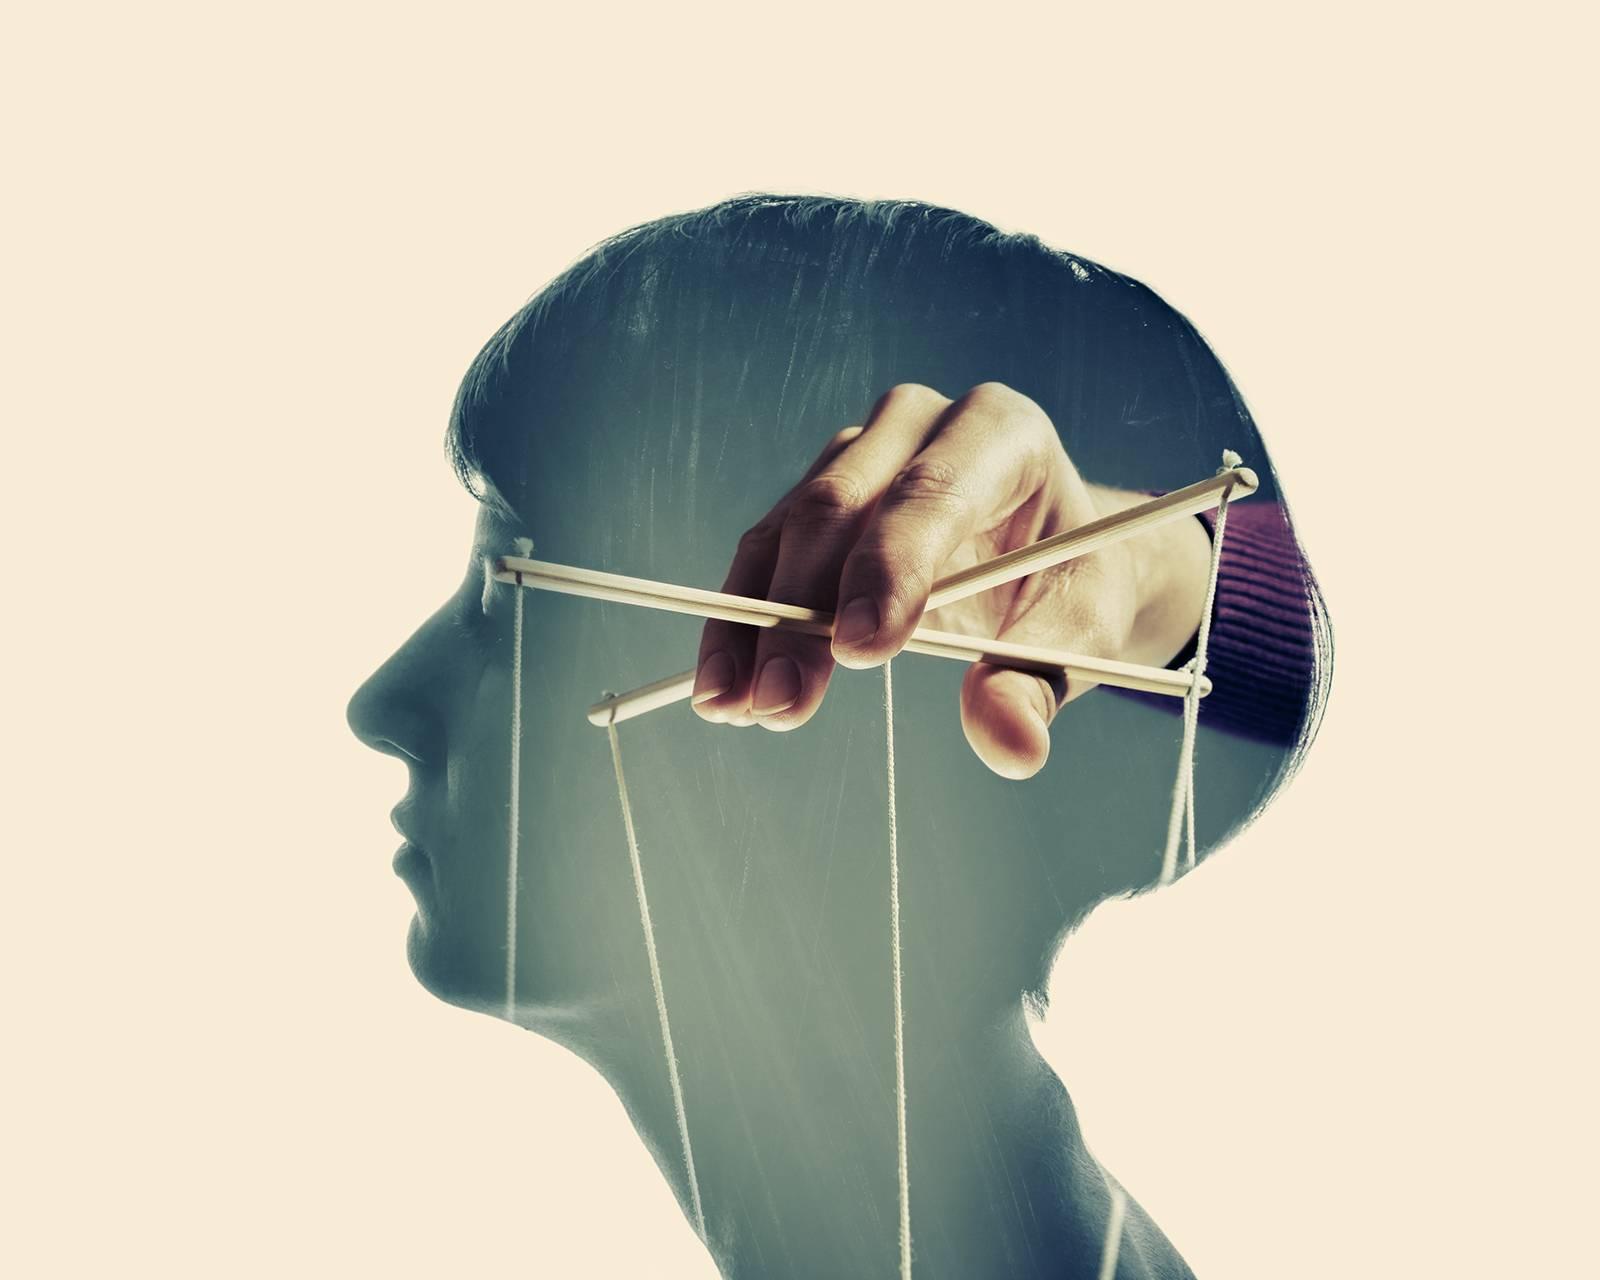 19 техник психологической защиты от манипуляций